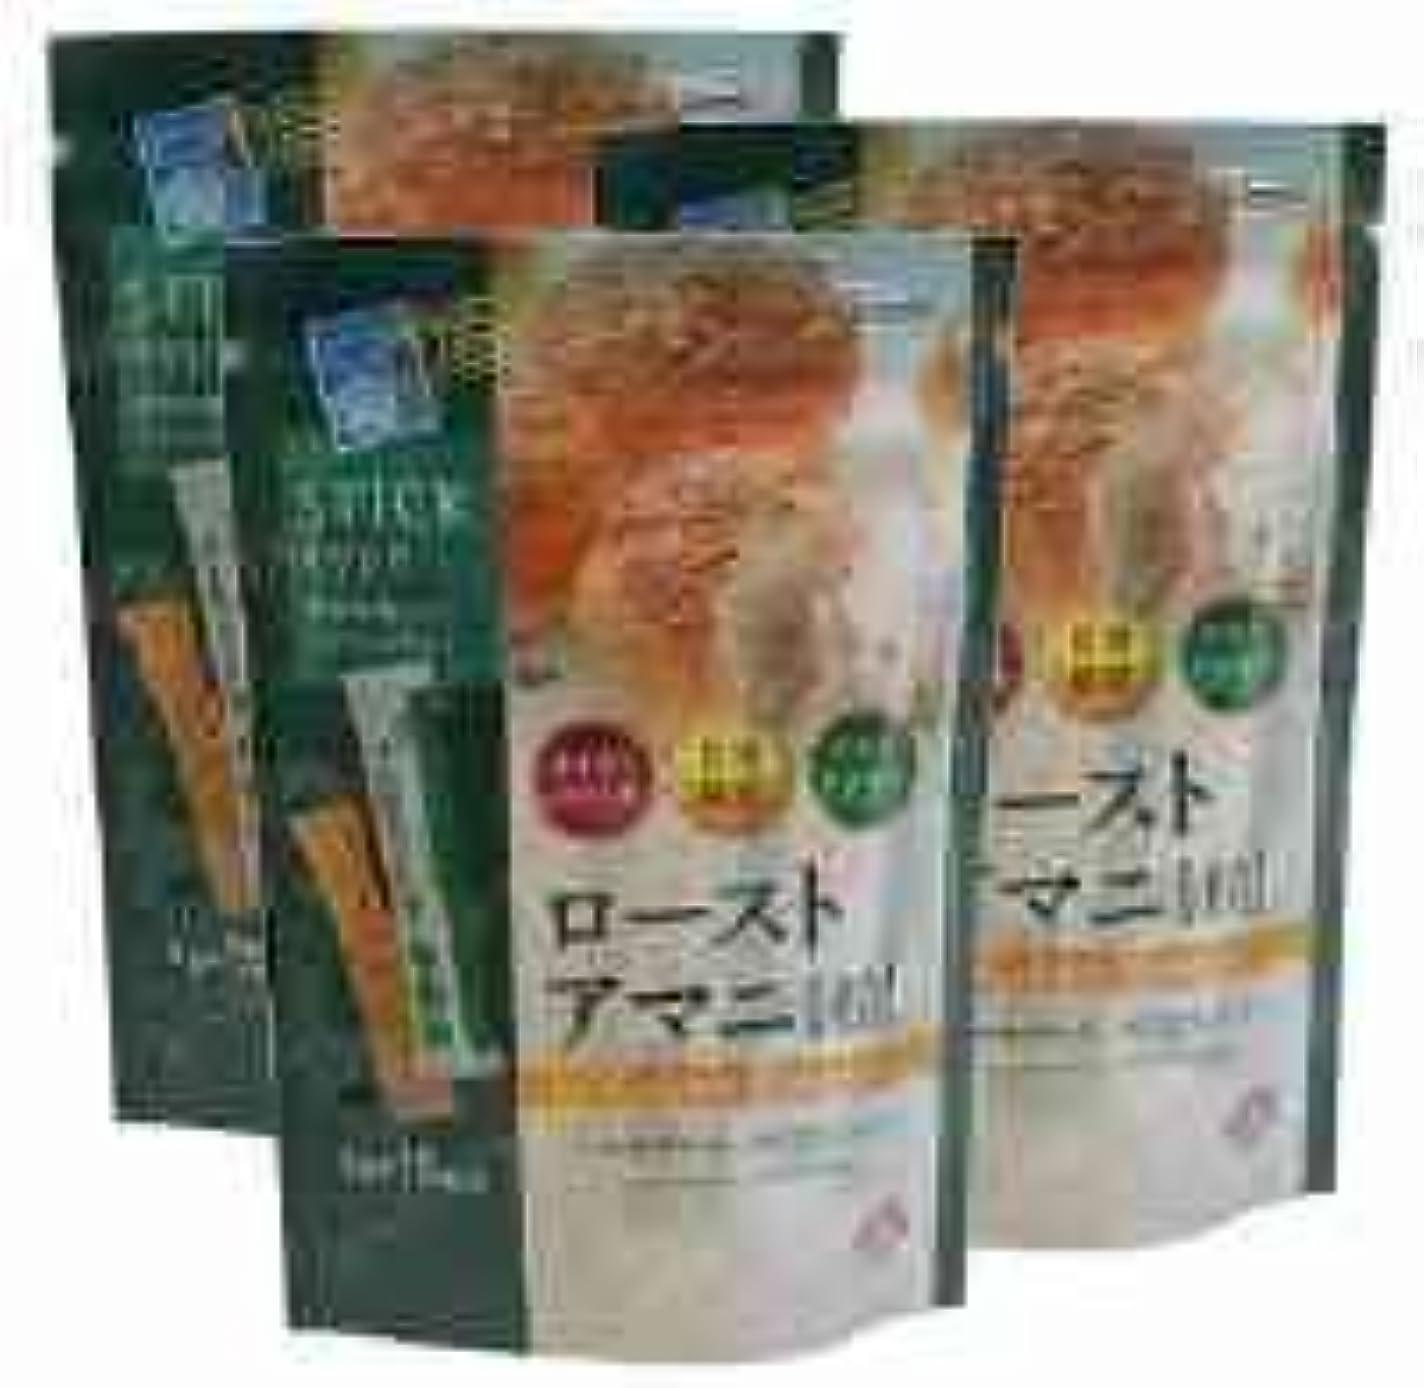 突破口少年リアルローストアマニ粒【3袋セット】日本製粉